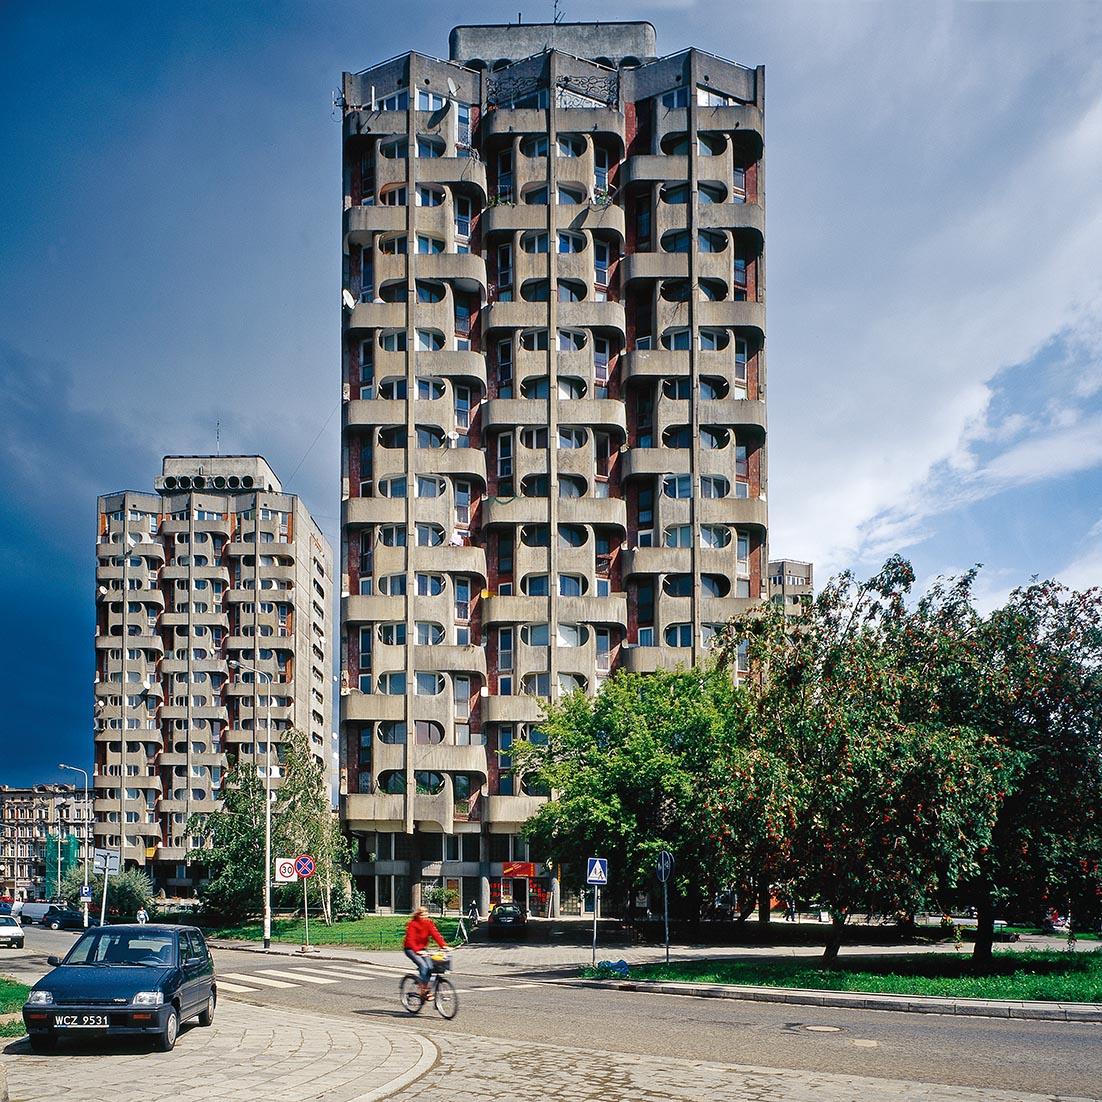 Der Grunwaldzki-Platz in Wrocław mit einem Gebäude von 1968–1978 der Architektin Jadwiga Grabowska-Hawrylak, Foto: Nicolas Grospierre